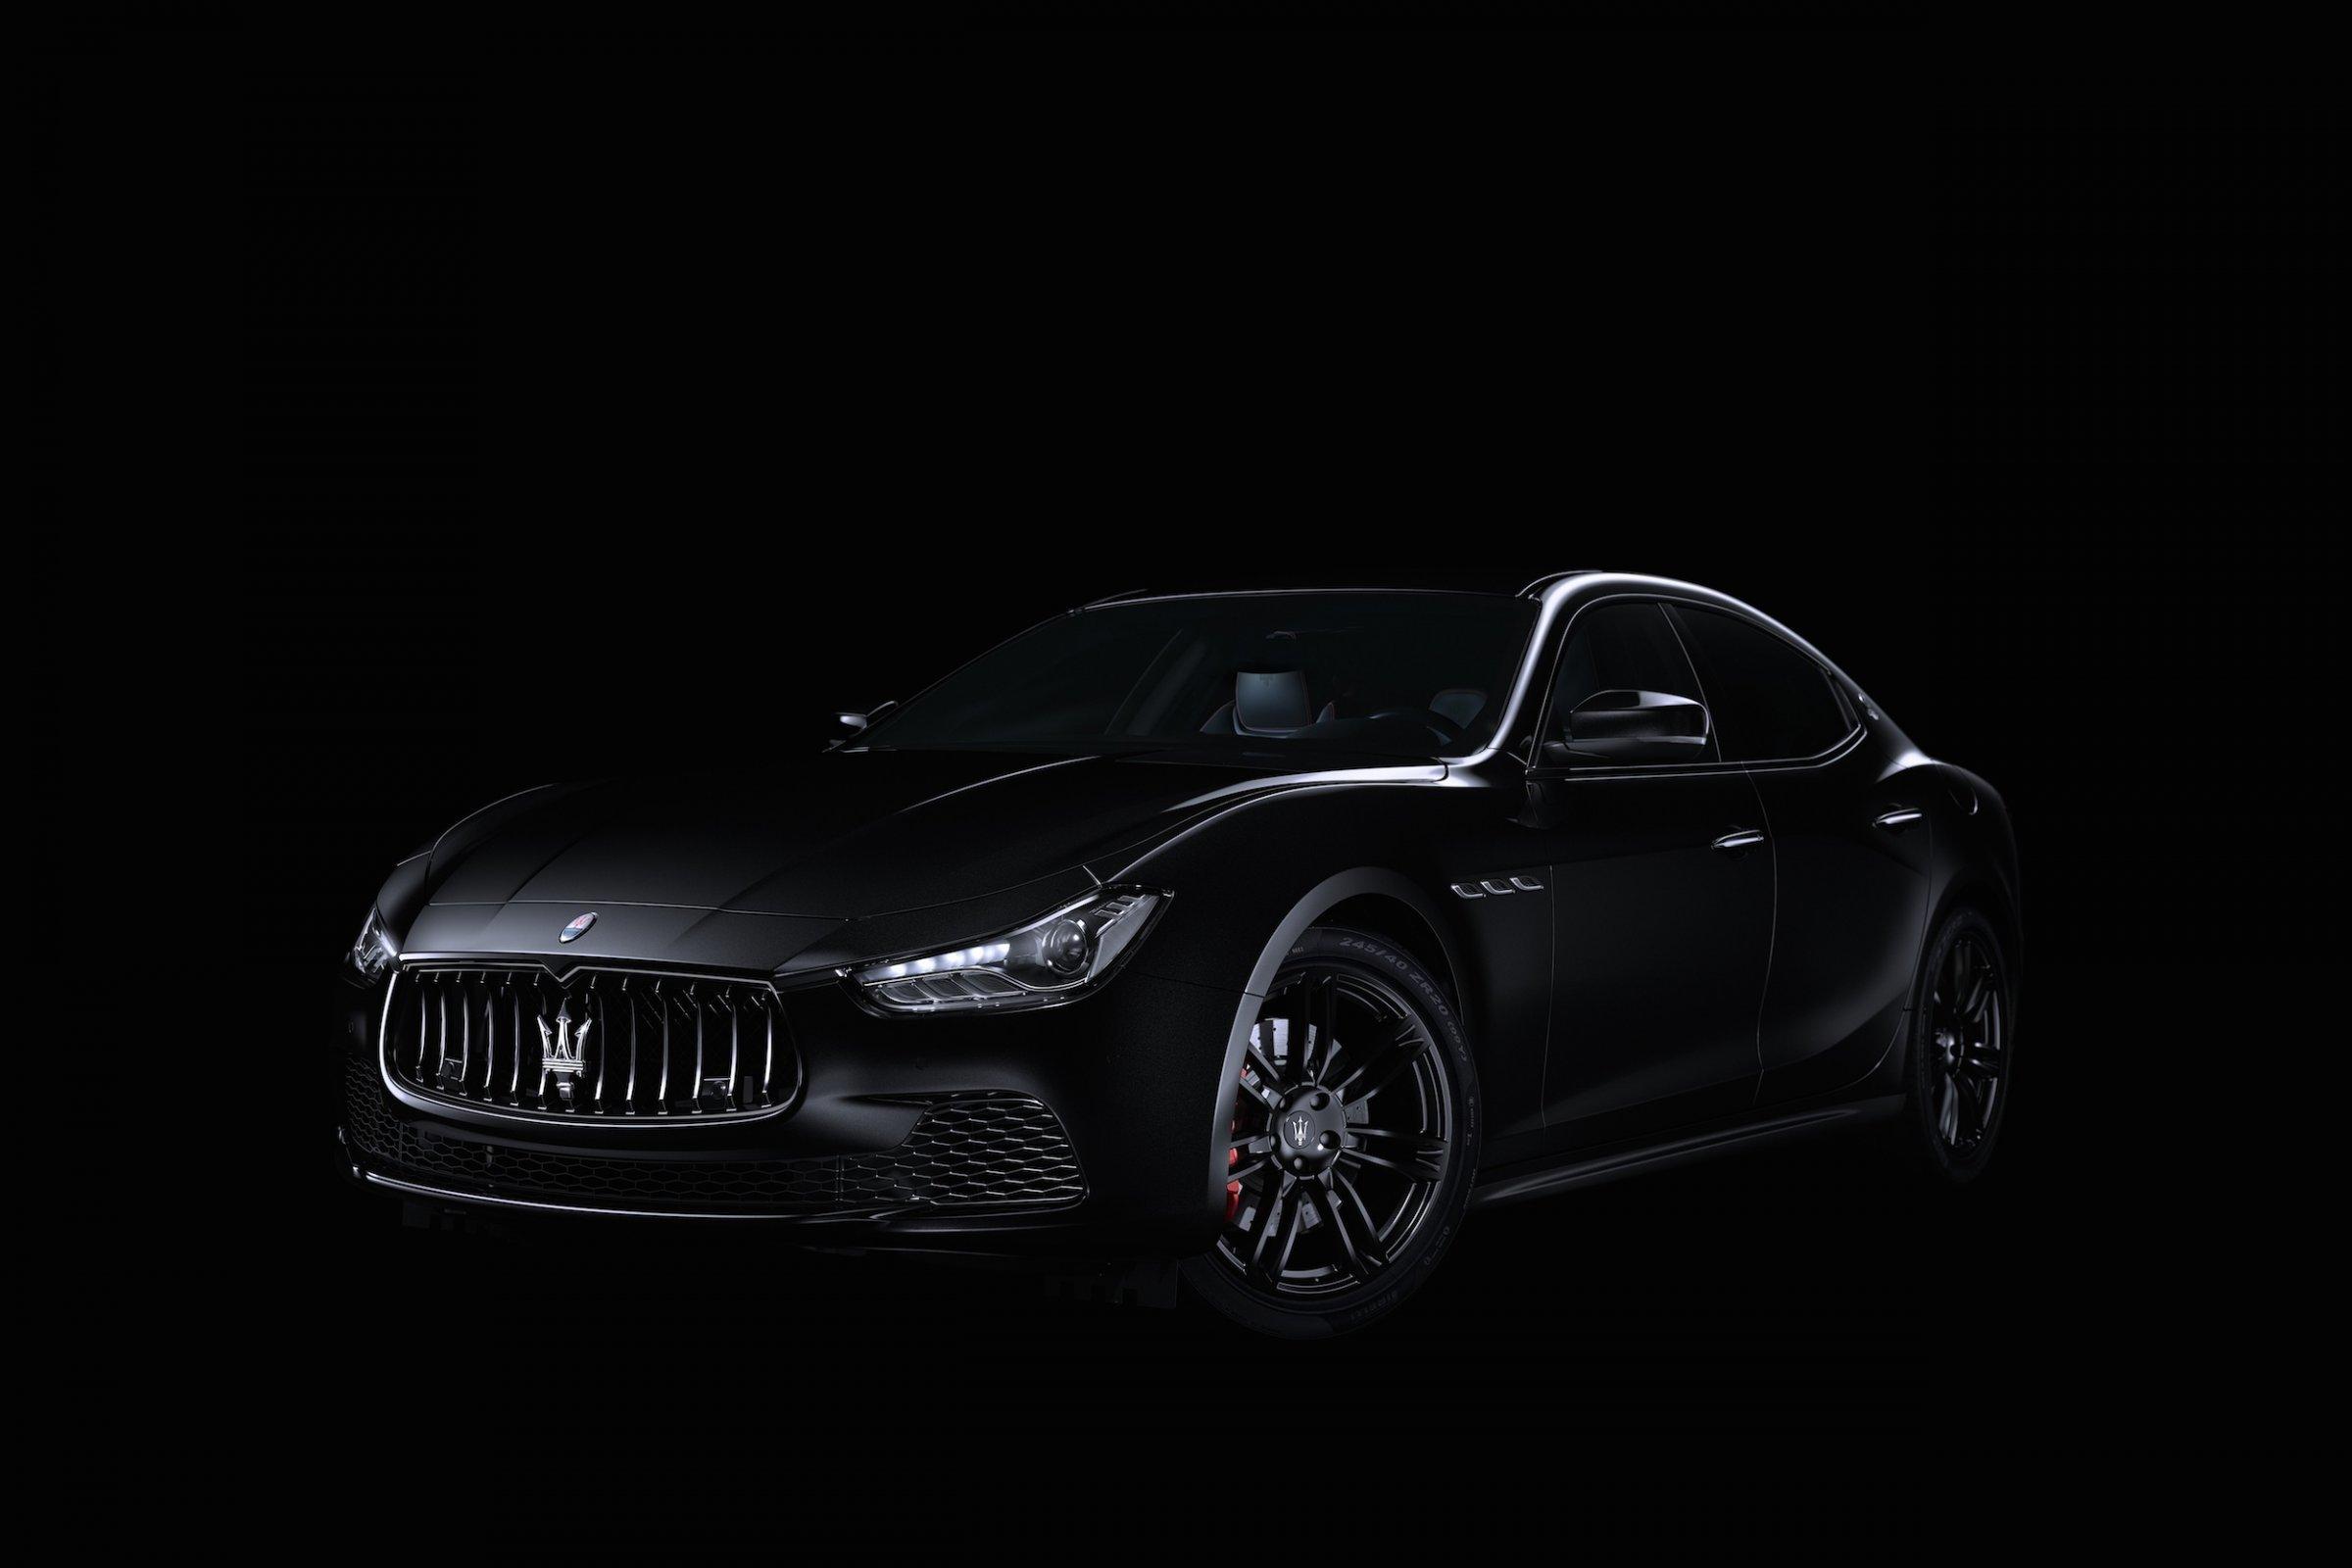 Maserati презентует 450 «очень черных» автомобилей 1